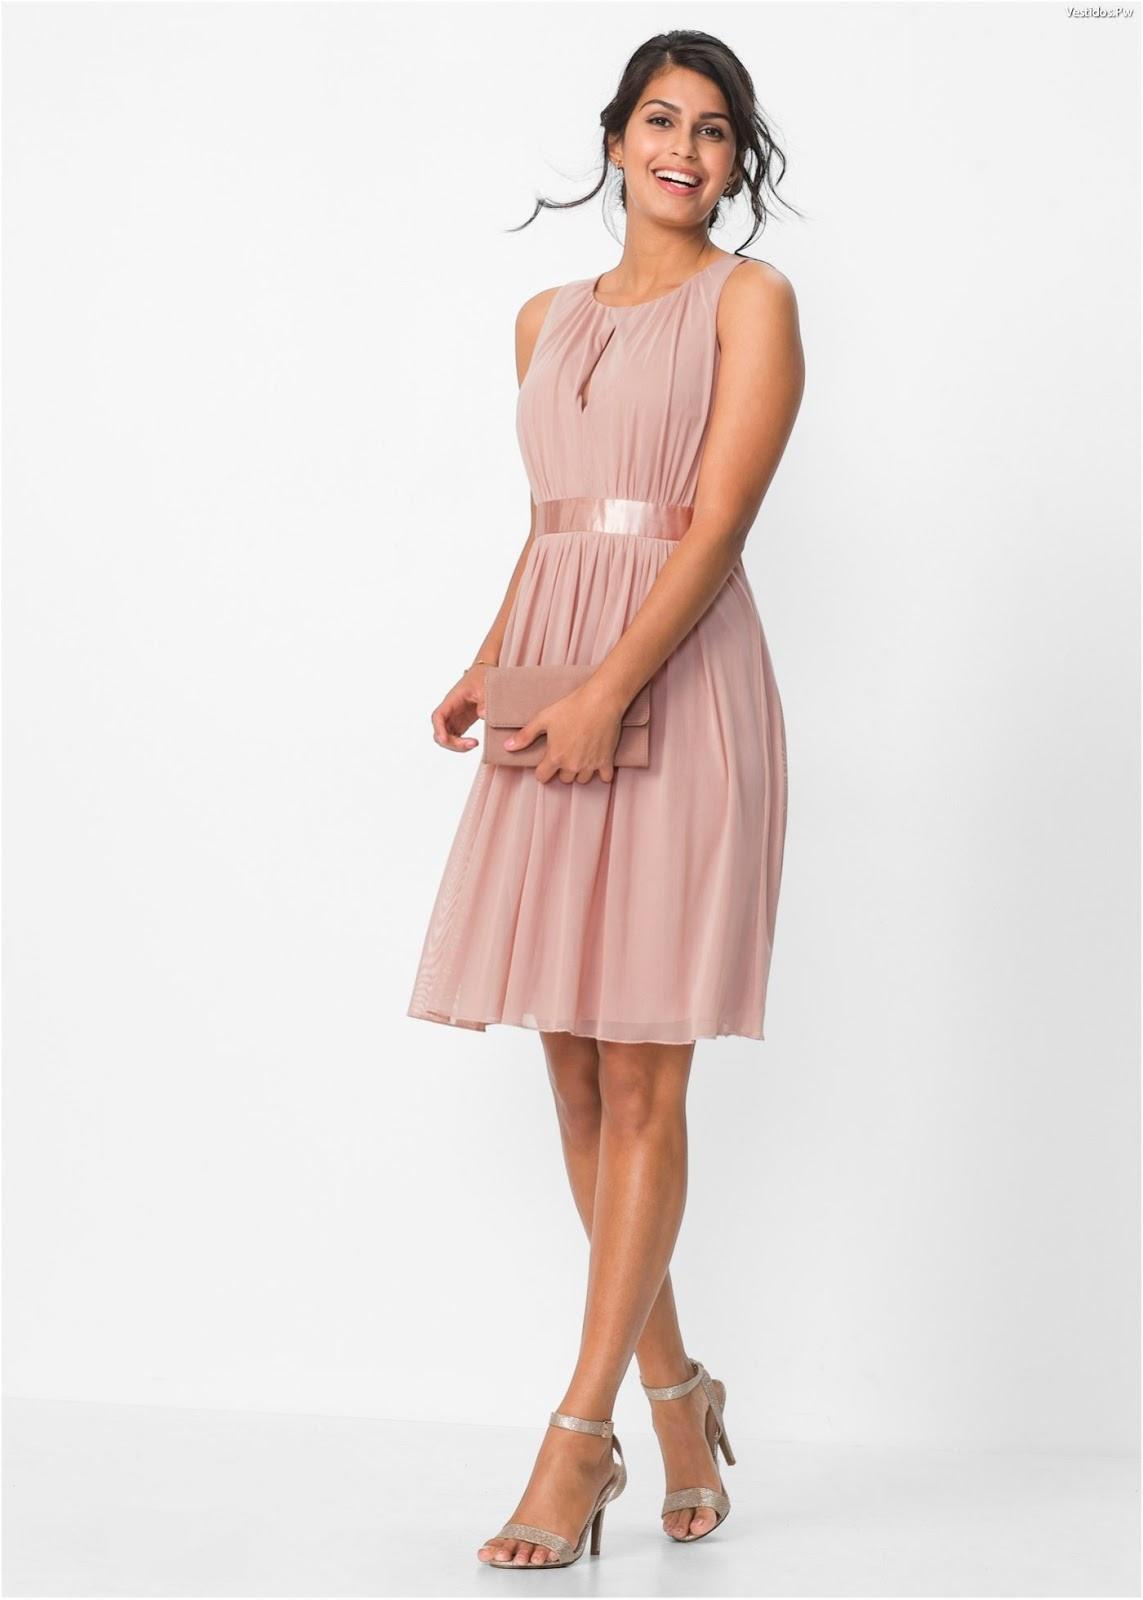 65 Propuestas de Vestidos Formales ¡Ideas con Fotos! | Vestidos ...